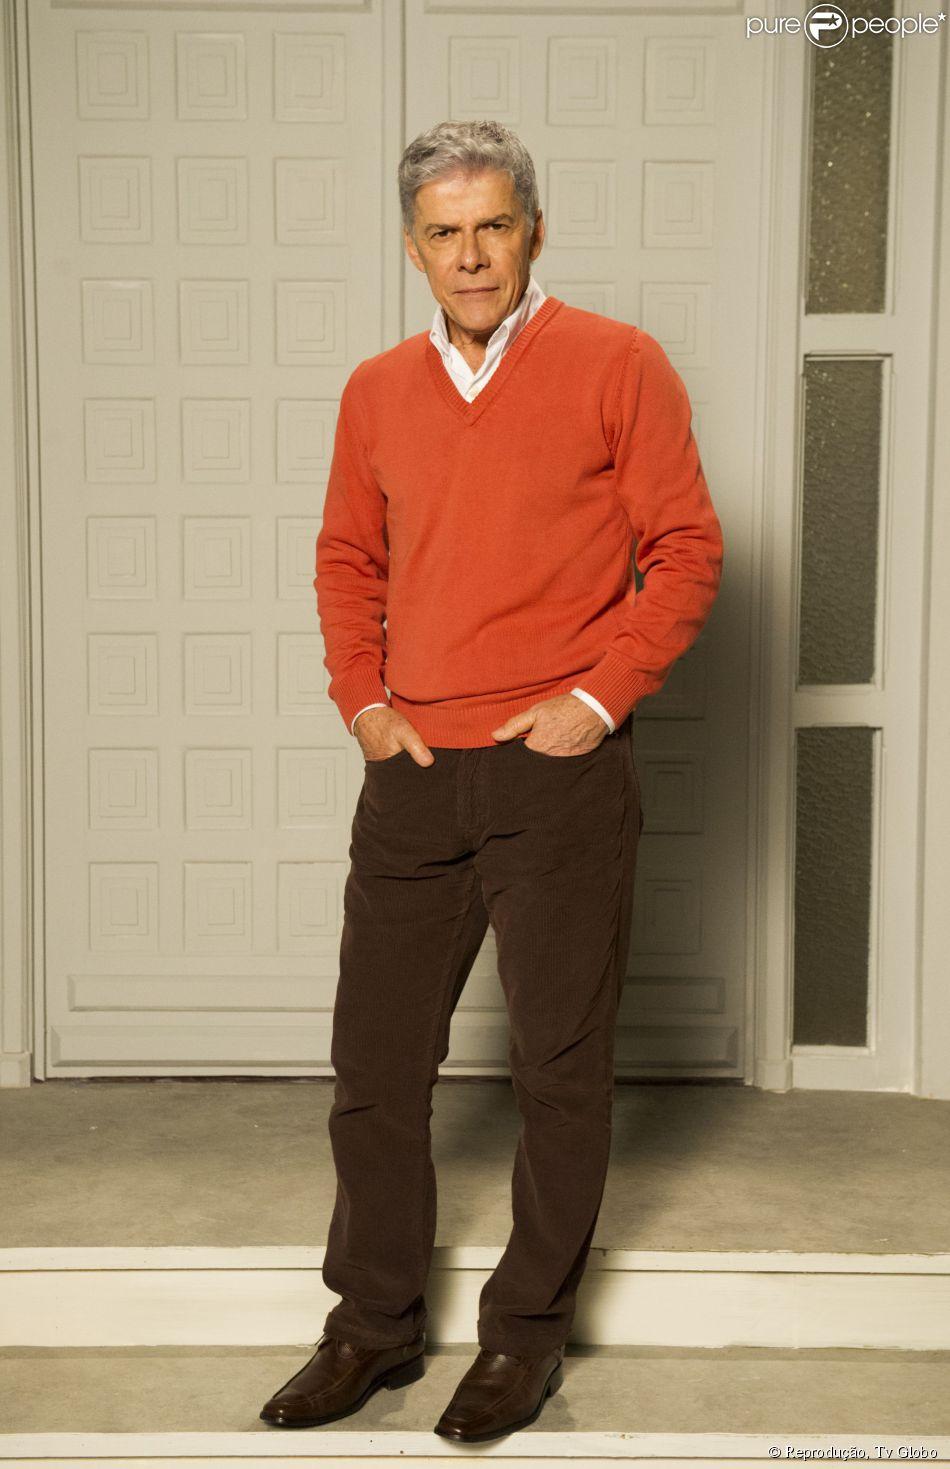 José Mayer completa 65 anos nesta sexta-feira, dia 3 de outubro de 2013